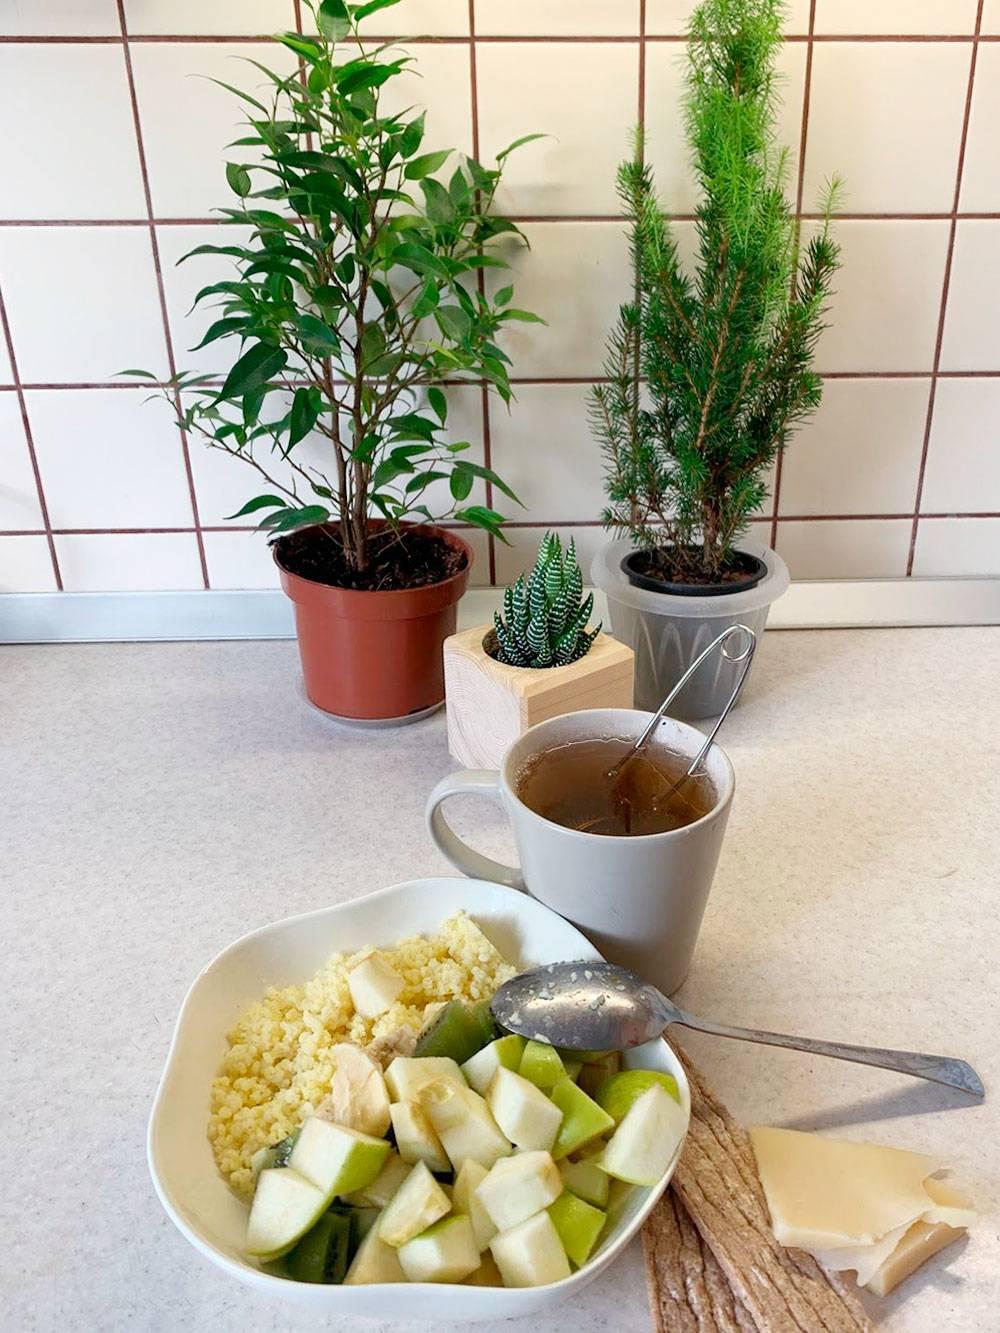 Мой завтрак. Надобы пересадить растения в горшки побольше, чтобы лучше росли